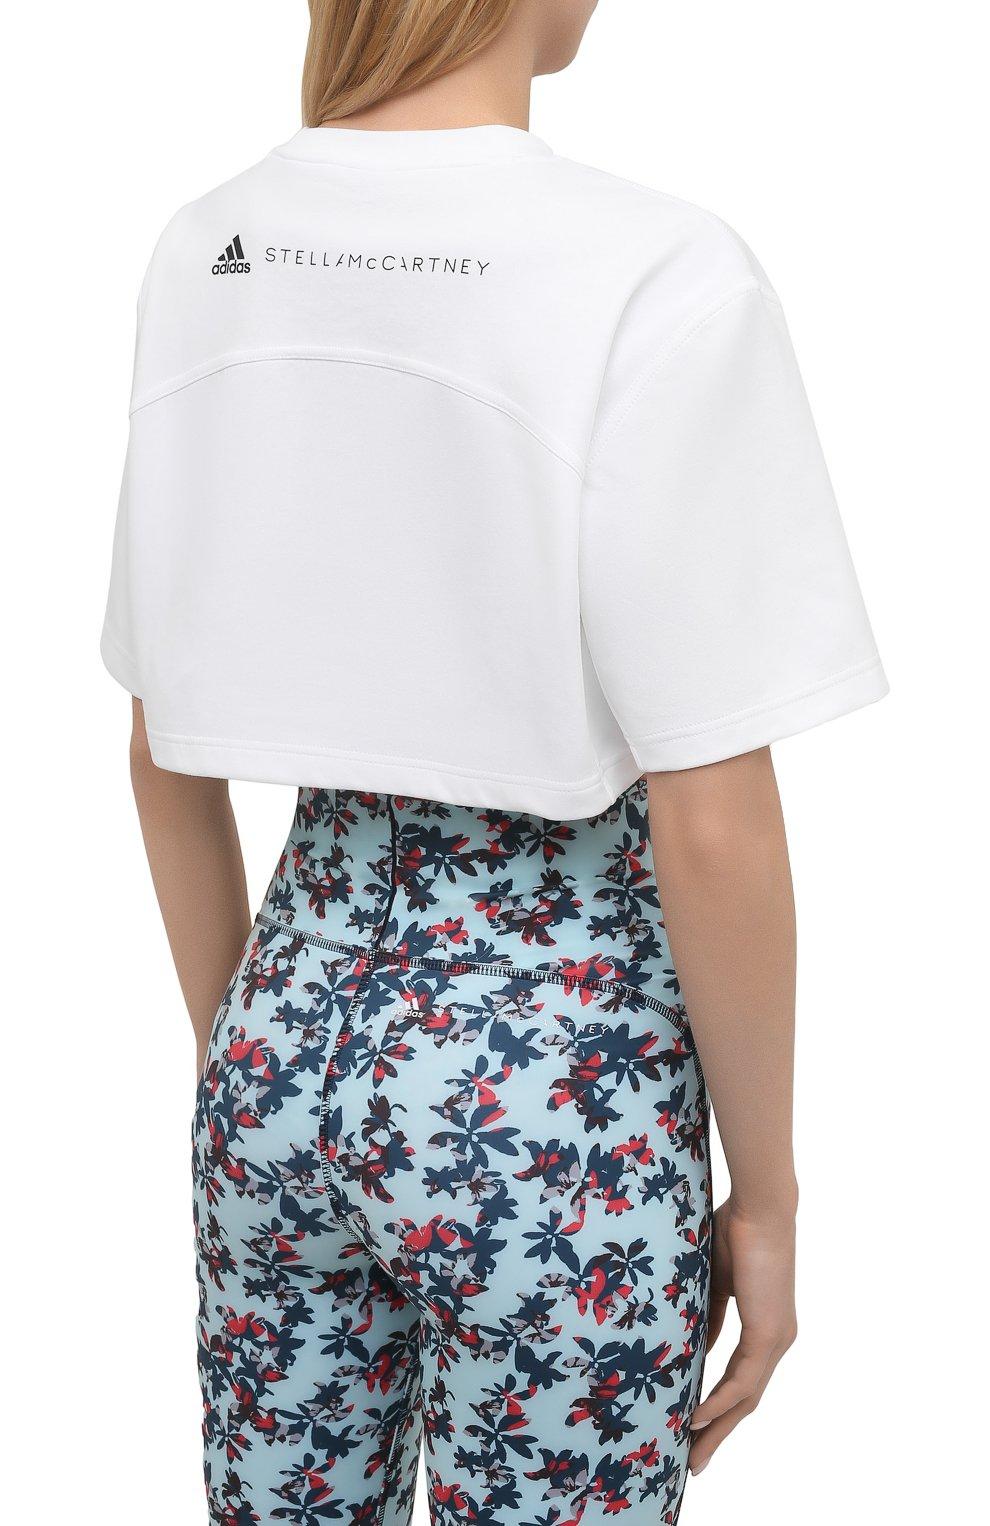 Женская футболка ADIDAS BY STELLA MCCARTNEY белого цвета, арт. GL7339   Фото 4 (Женское Кросс-КТ: Футболка-спорт, Футболка-одежда; Рукава: Короткие; Материал внешний: Синтетический материал, Хлопок; Принт: С принтом; Стили: Спорт-шик; Длина (для топов): Укороченные)